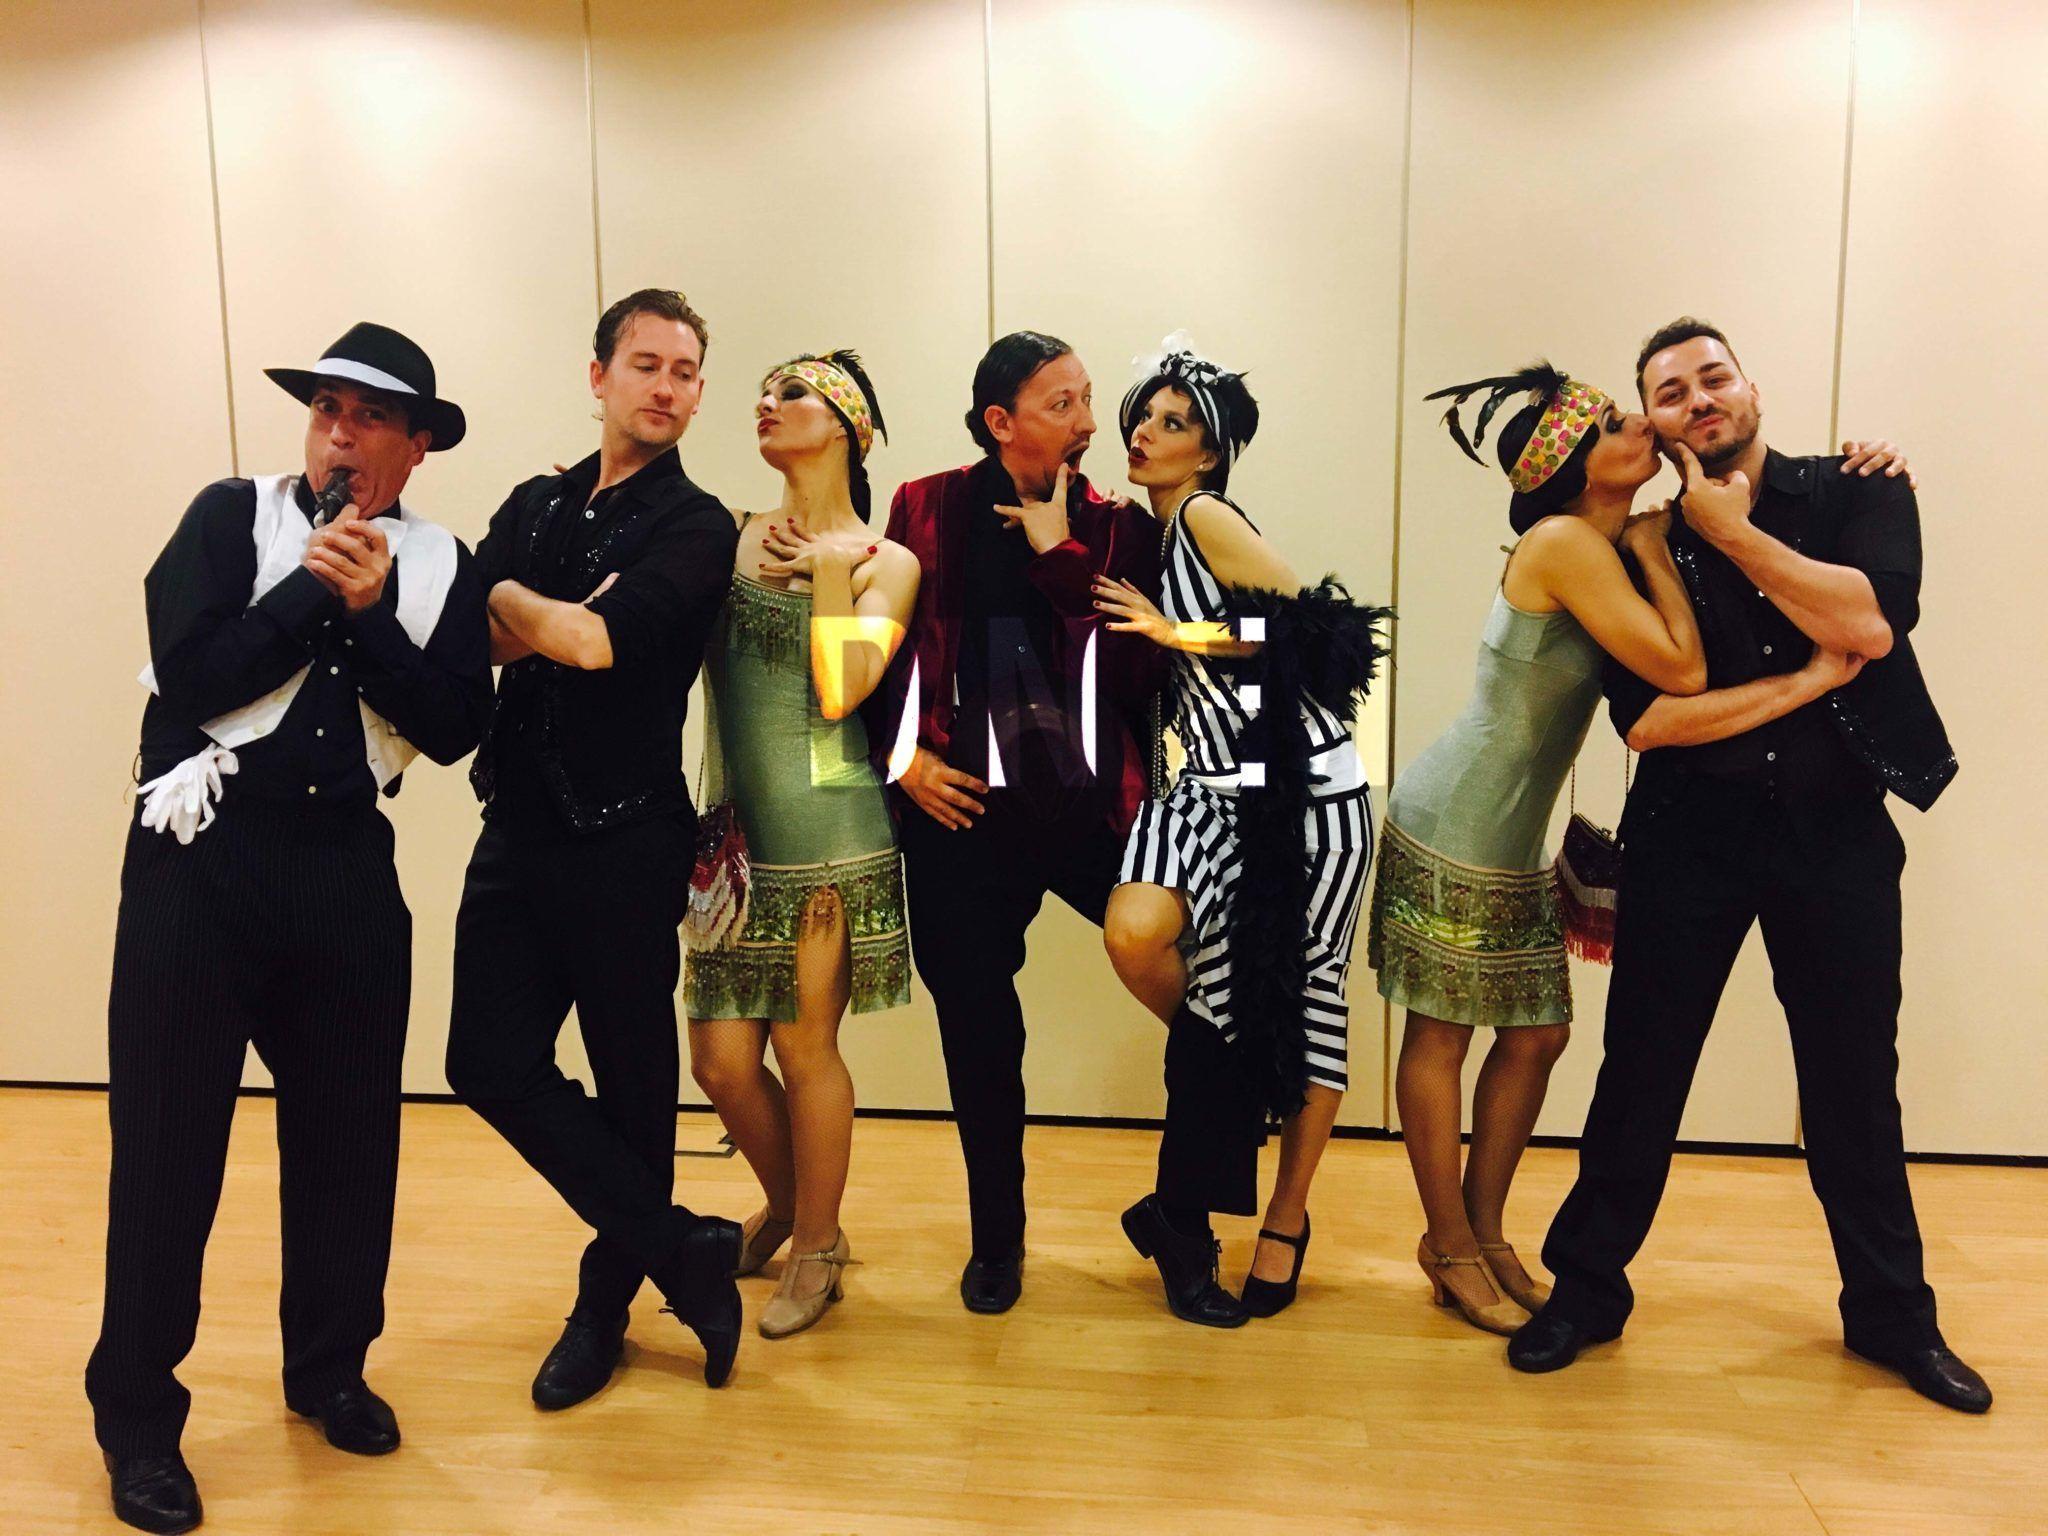 Entertainment actors for events and parties - Dancem Events